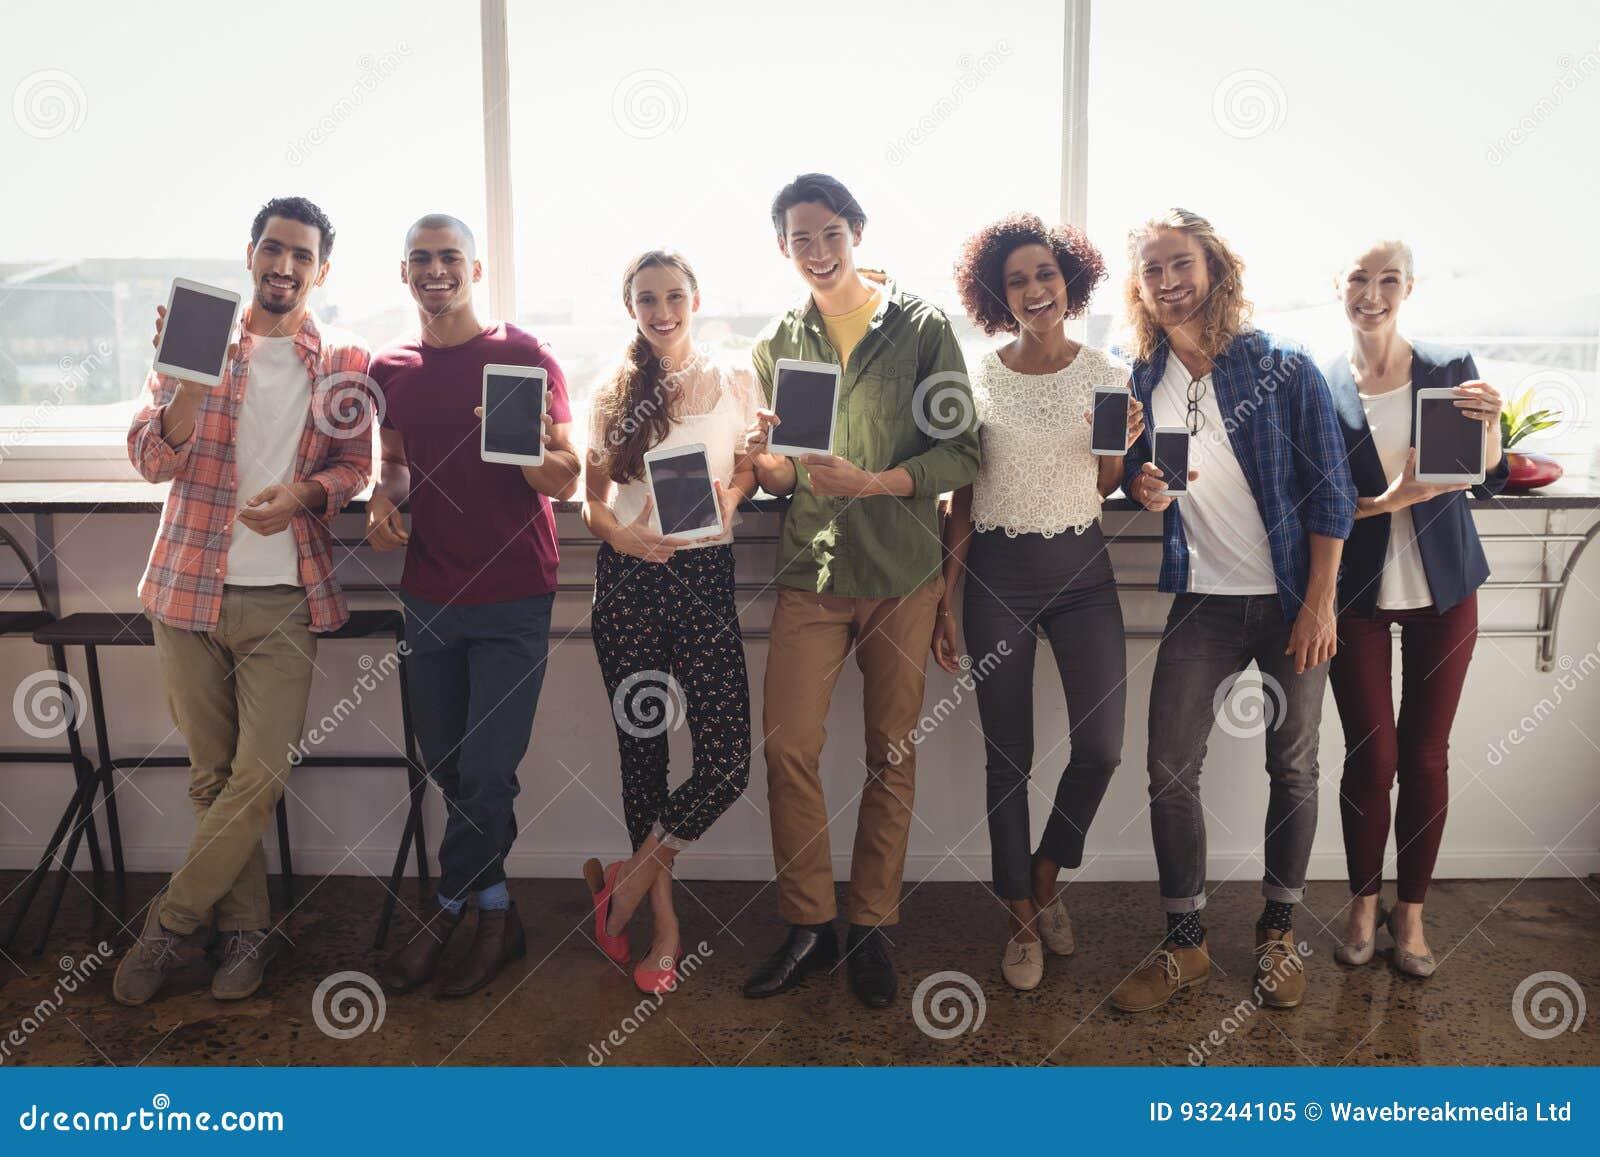 Portret van glimlachend commercieel team die technologieën tonen op creatief kantoor